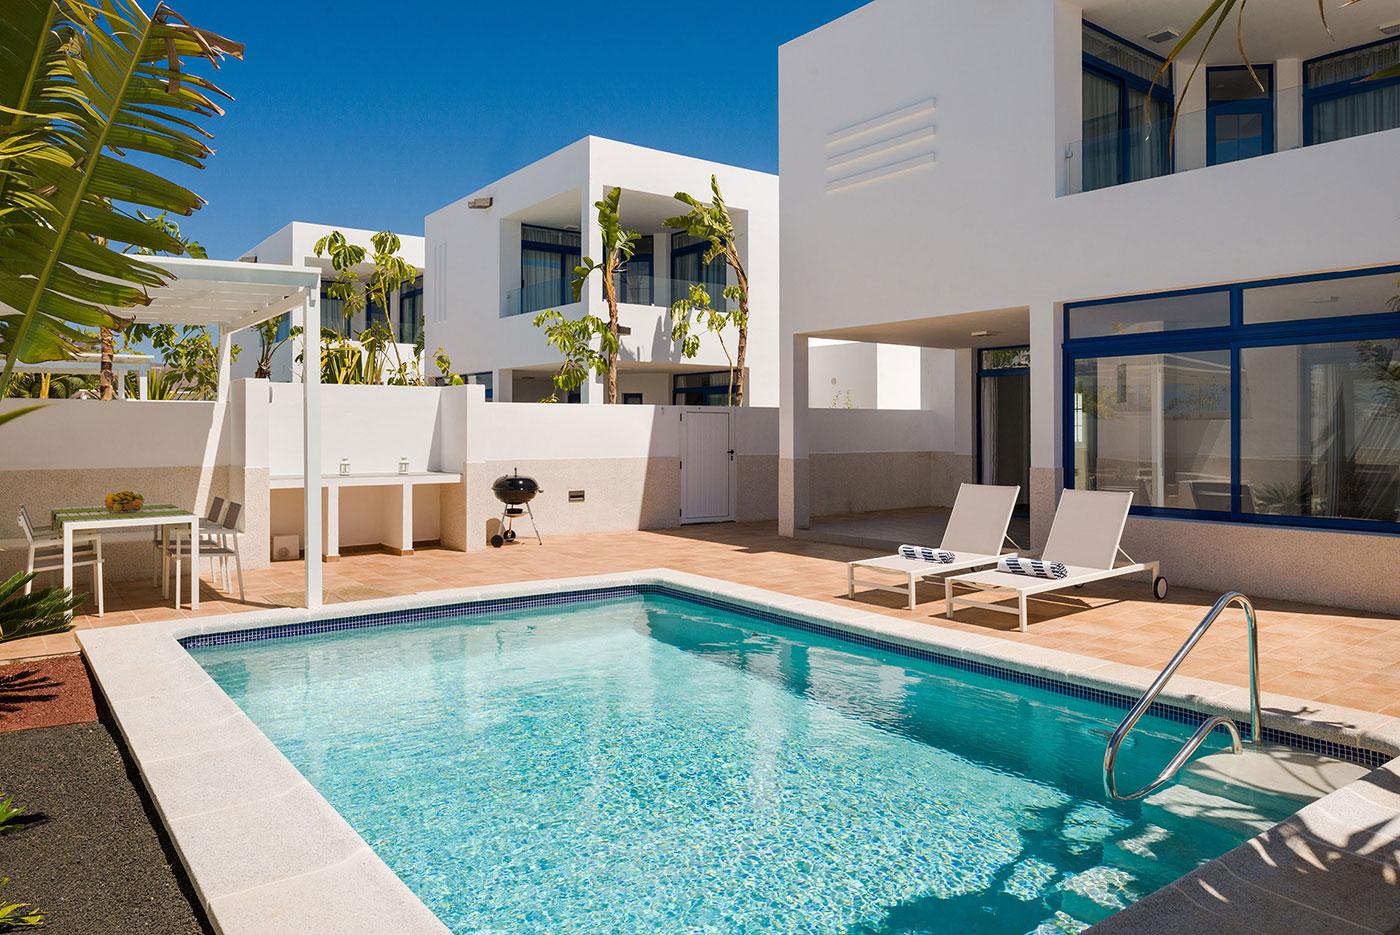 Lanzarote Villa With Private Pool In Playa Blanca Villas